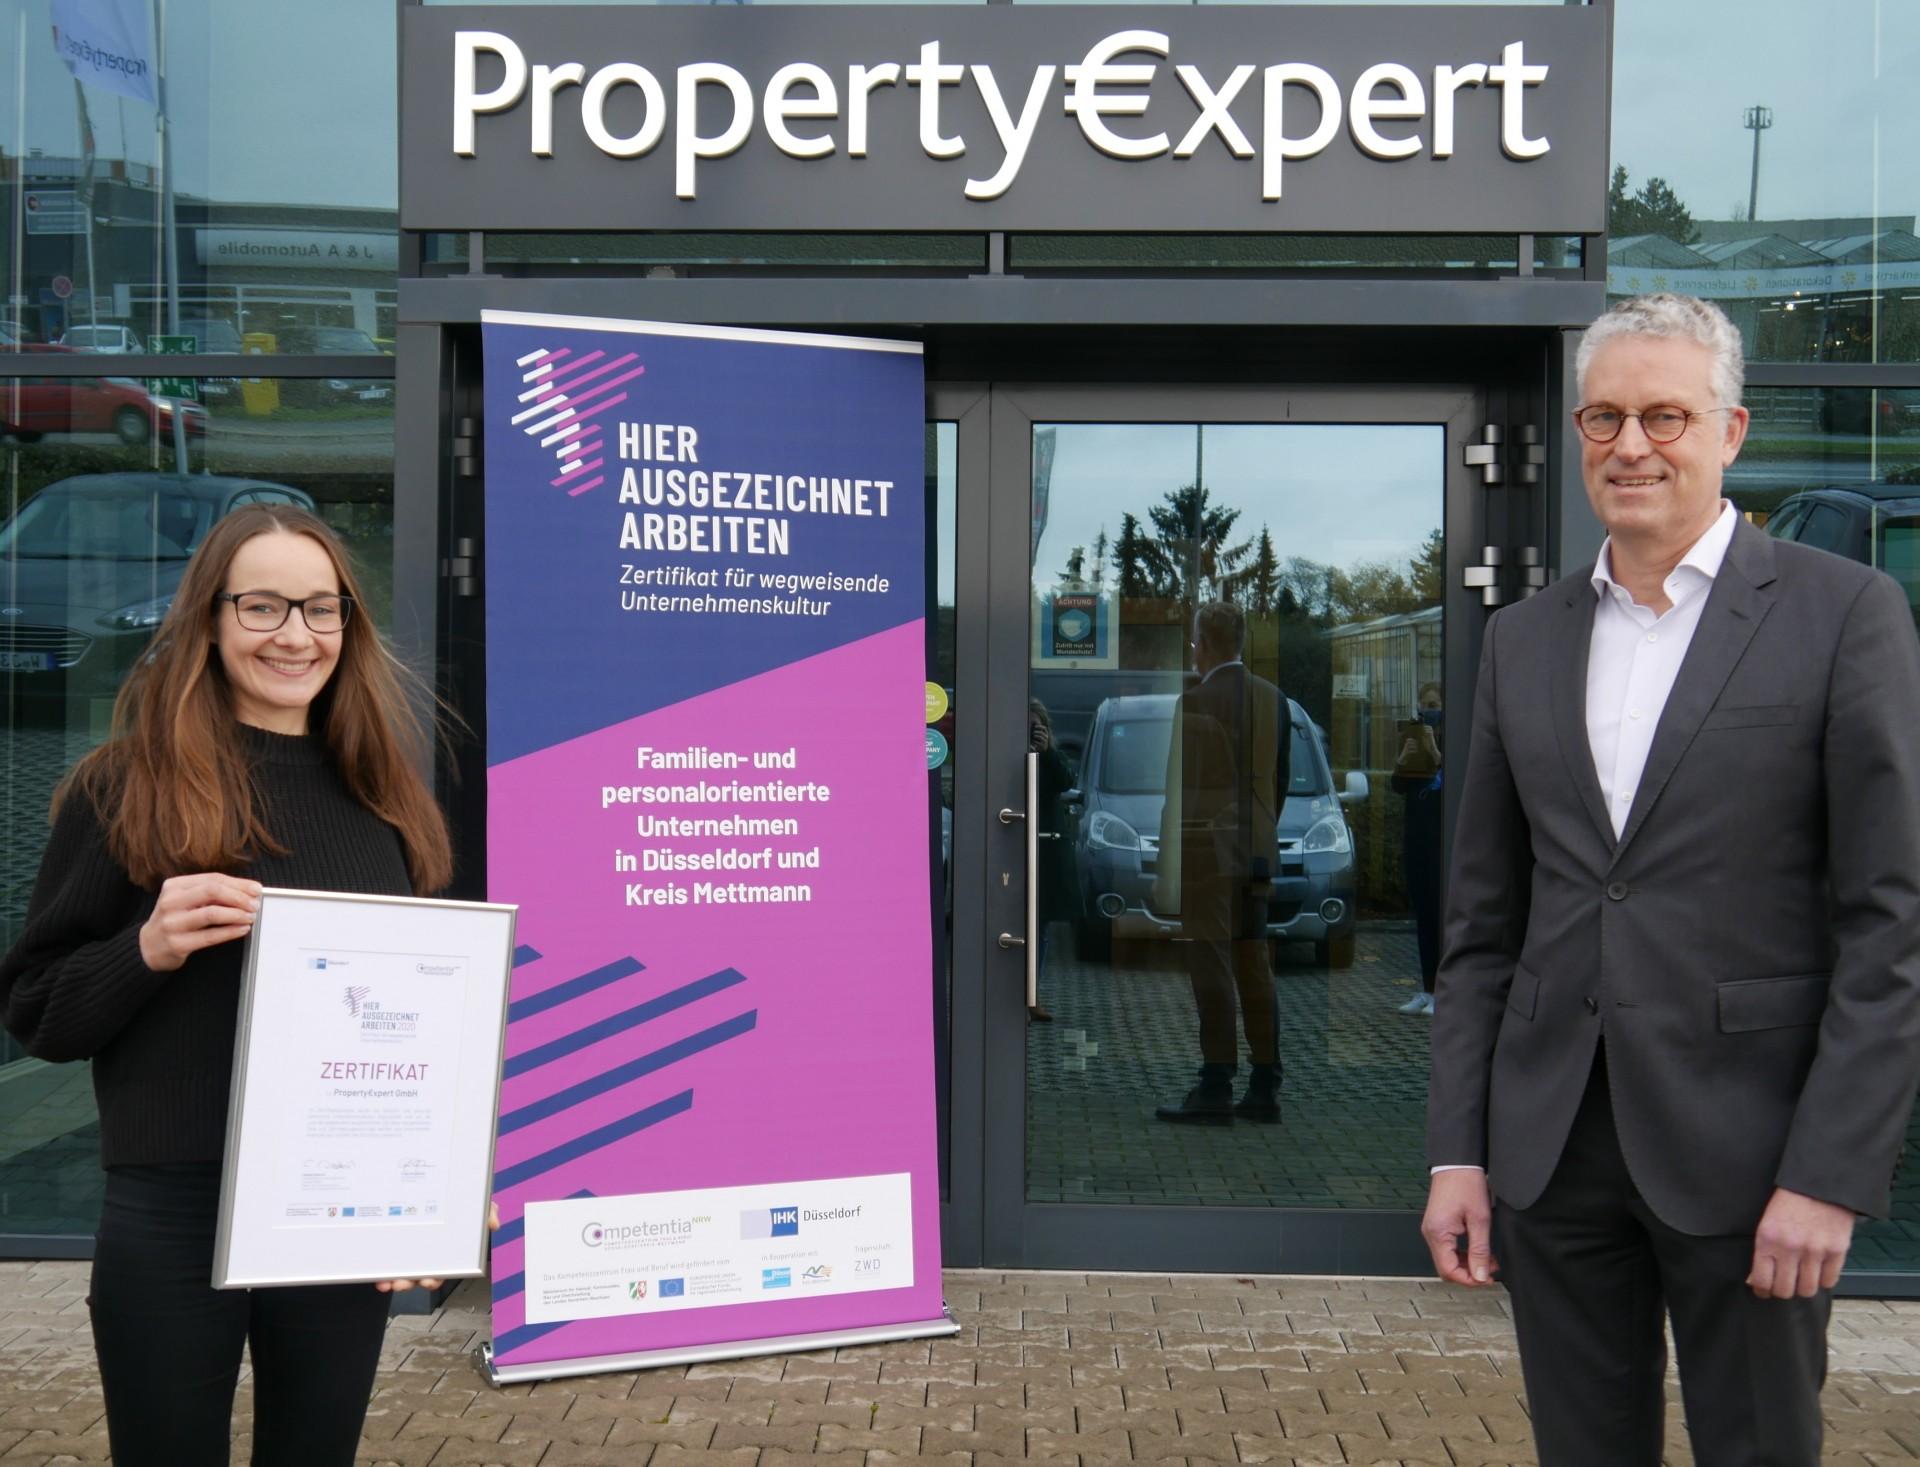 Führen in Teilzeit, Property Expert, Zertifikatsübergabe